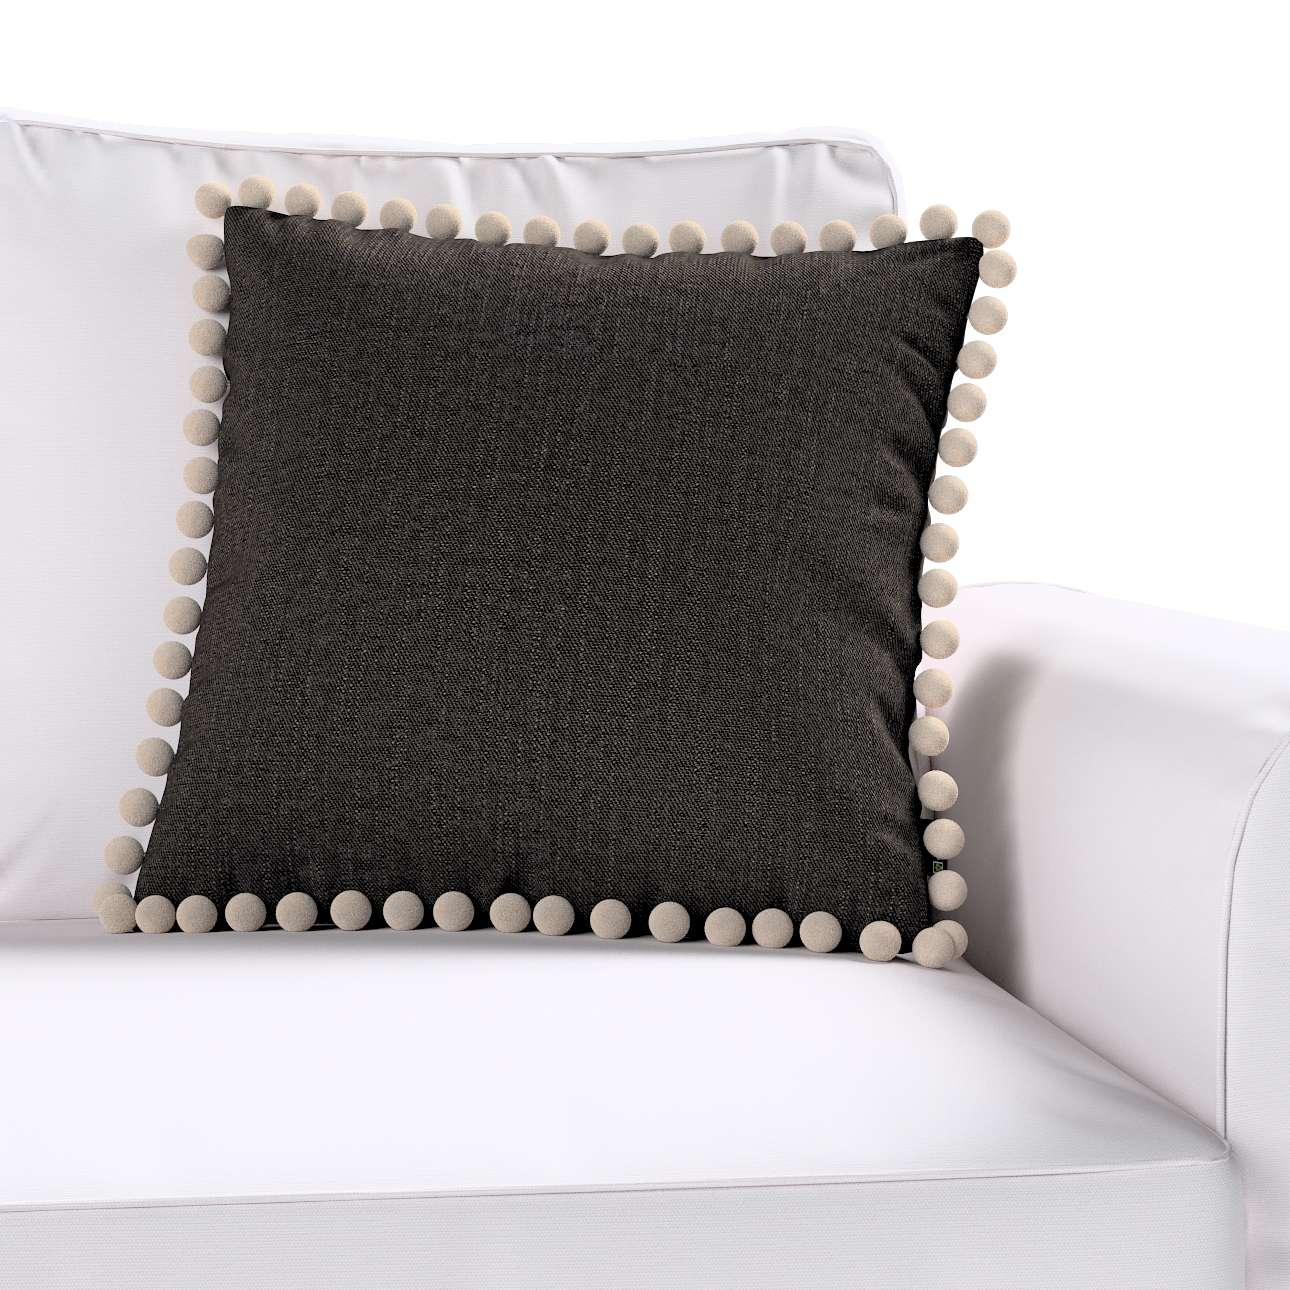 Poszewka Wera na poduszkę 45 x 45 cm w kolekcji Vintage, tkanina: 702-36